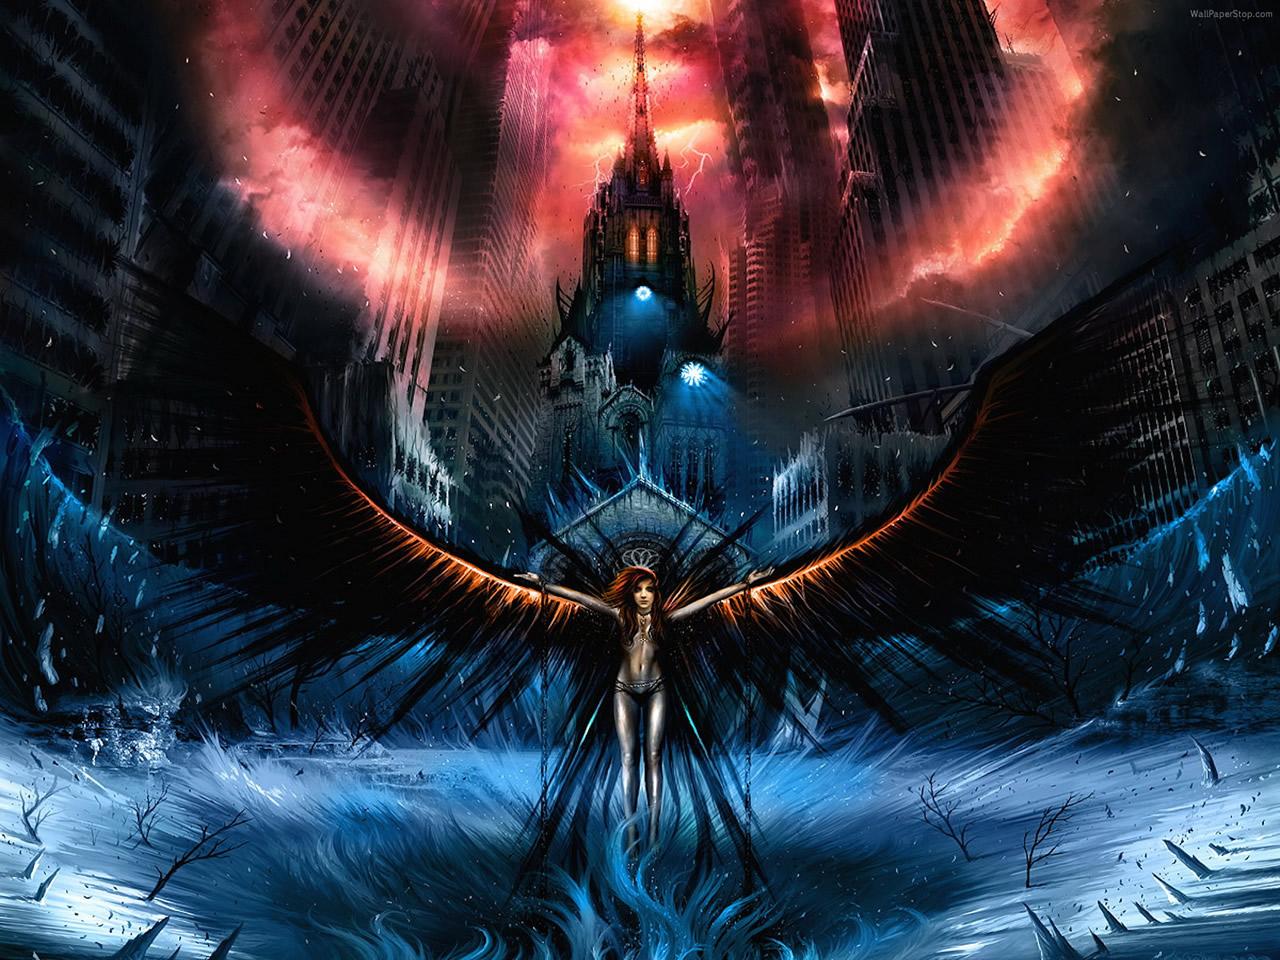 The Dark Angel Descent 1280 X 960pix Wallpaper Fantasy Art 2d